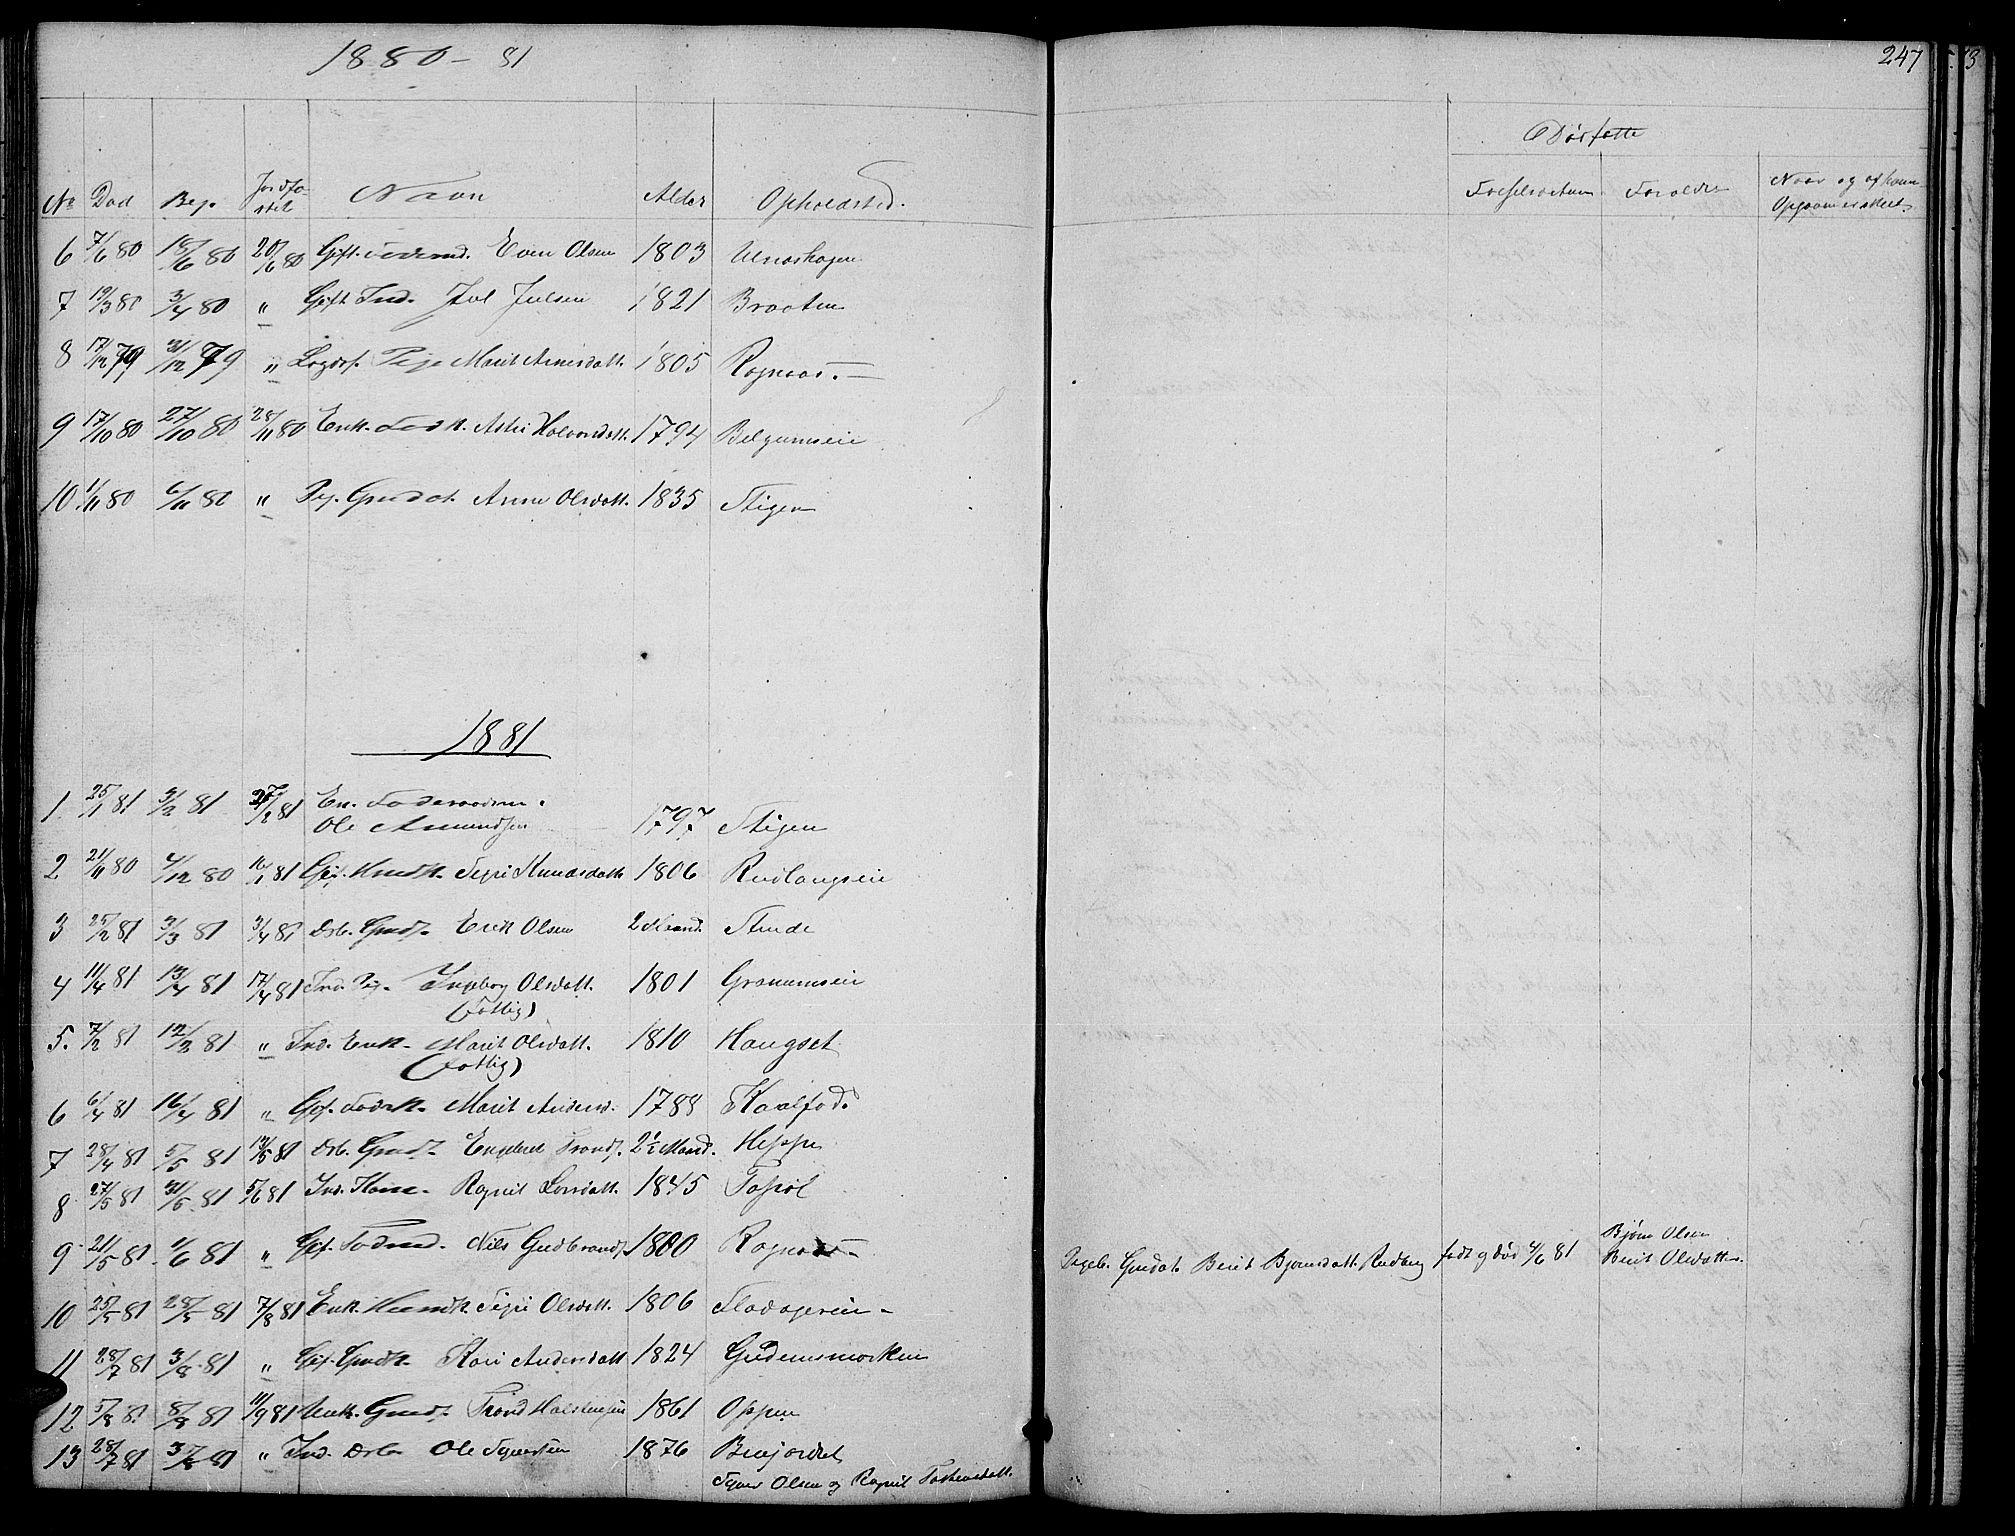 SAH, Nord-Aurdal prestekontor, Klokkerbok nr. 4, 1842-1882, s. 247